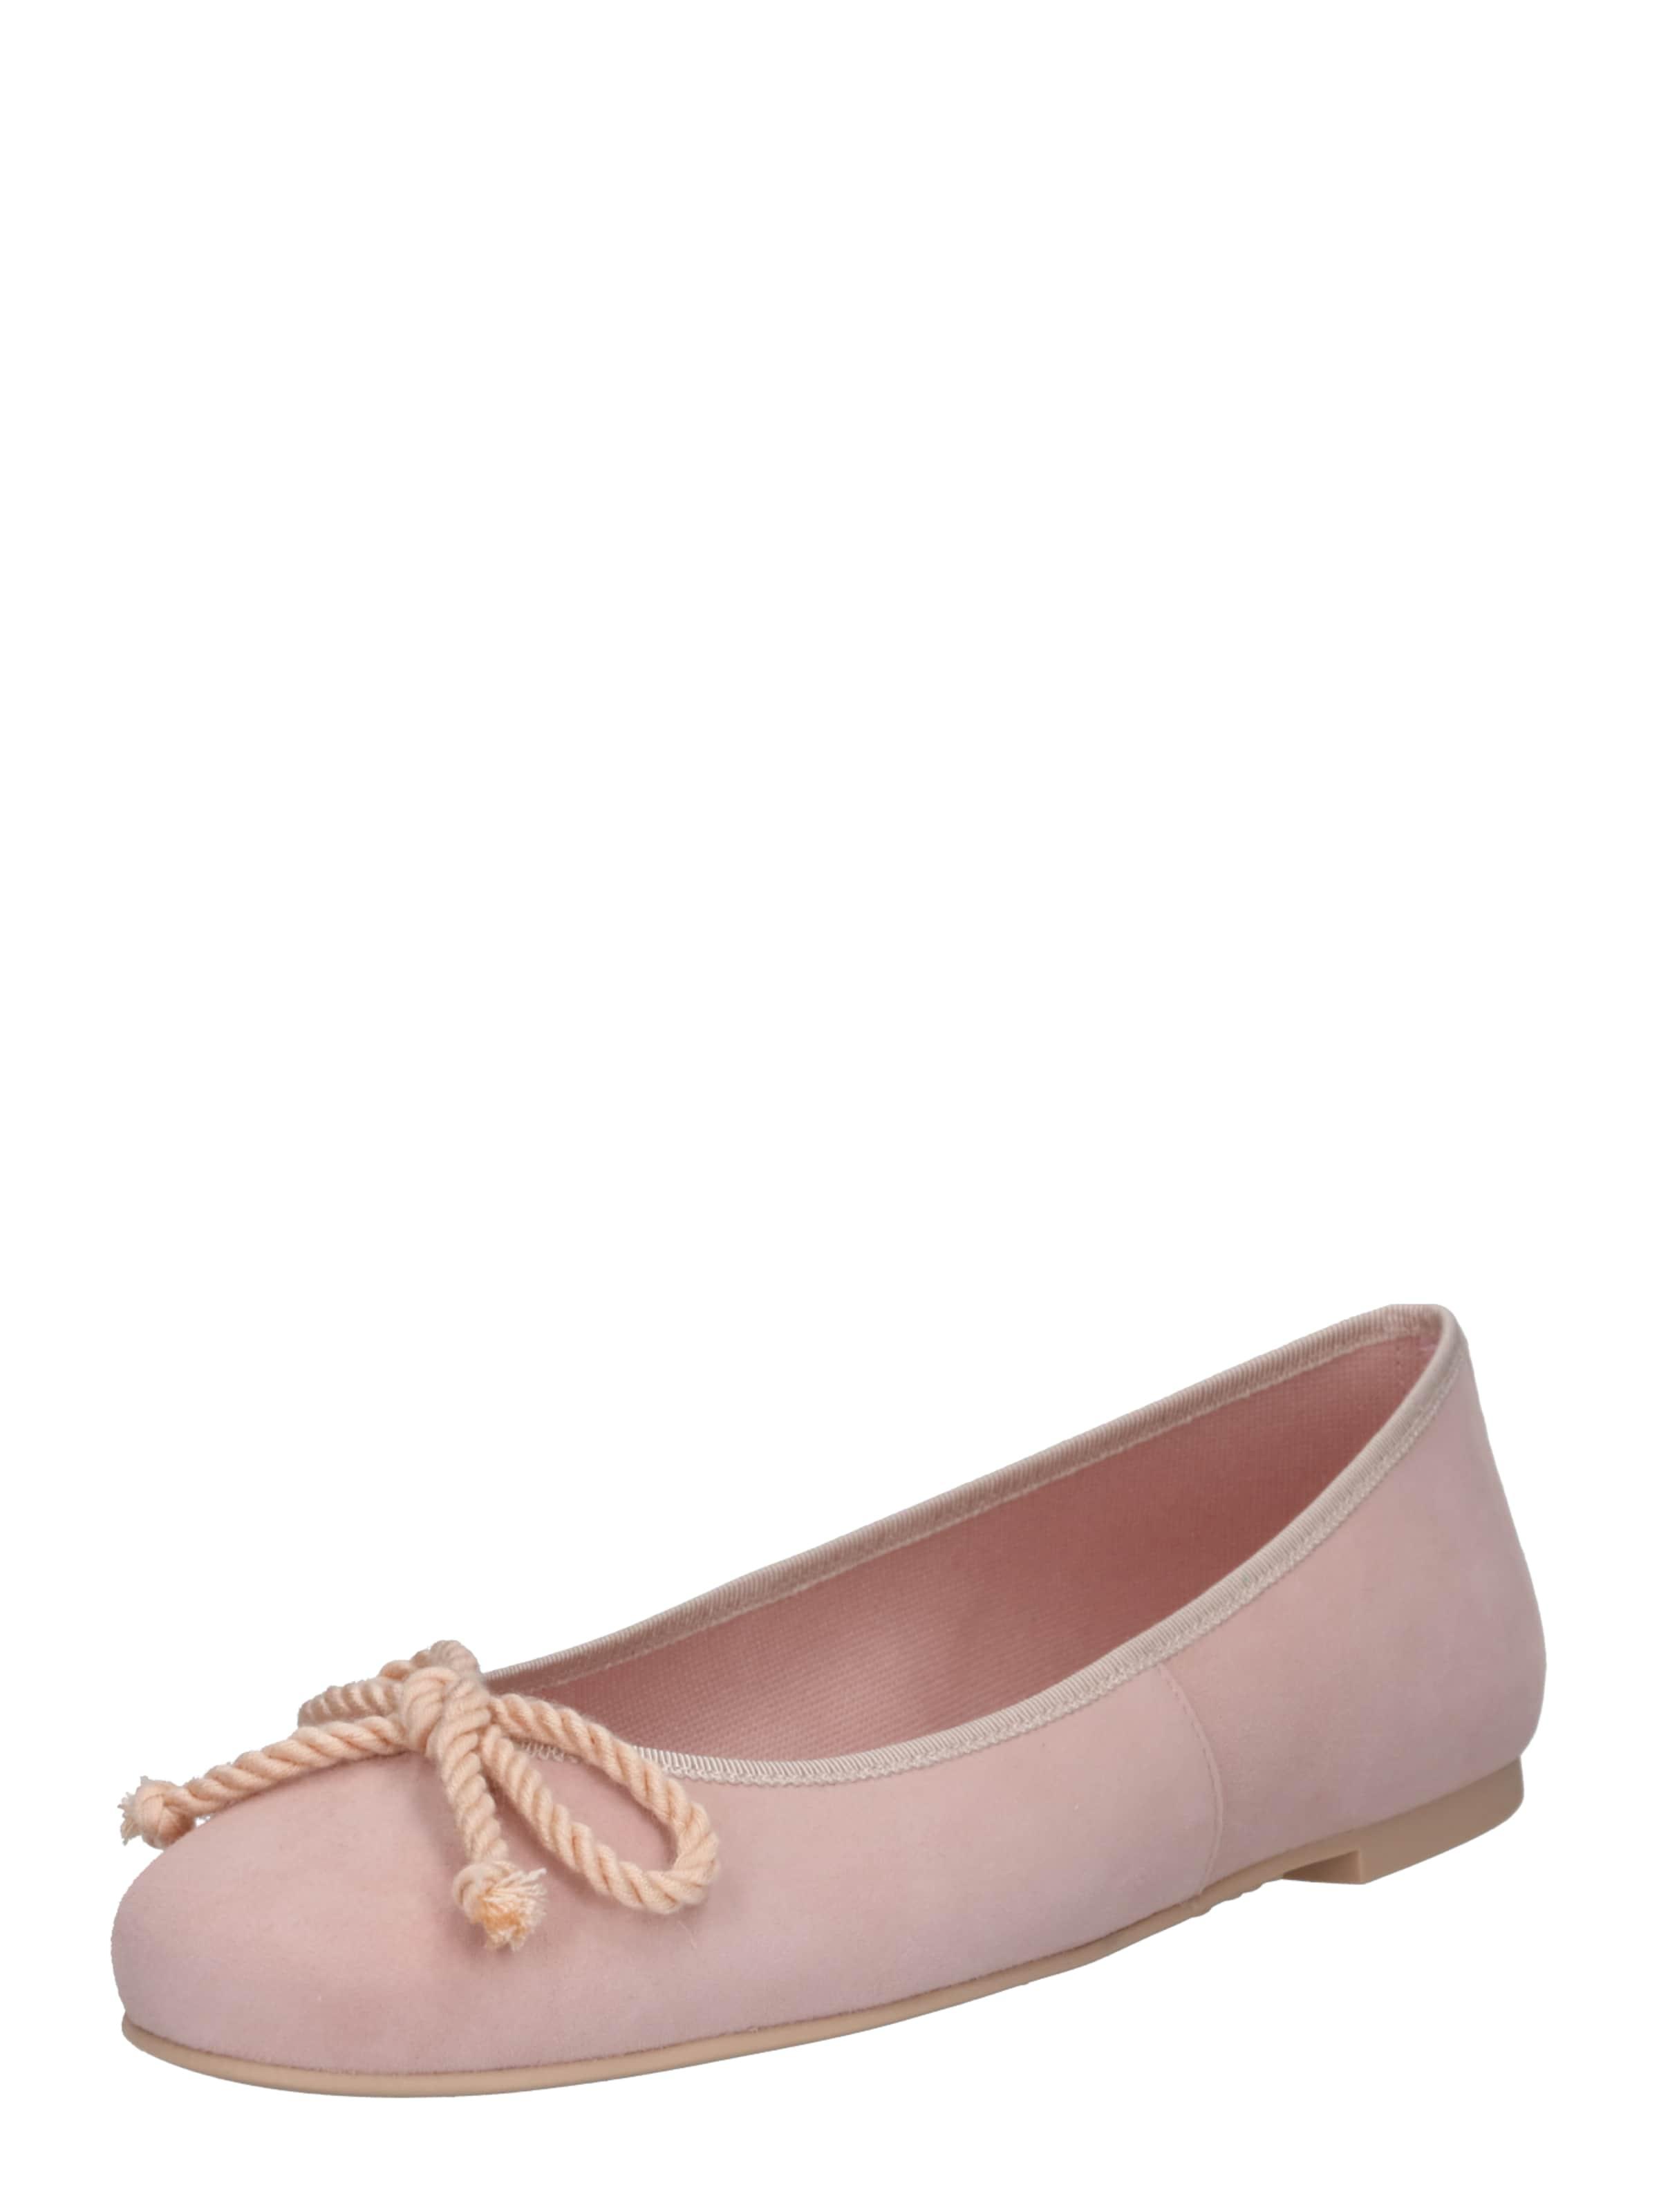 In Ballerinas 'angelis' Pretty Pfirsich Ballerina uwkZTPOXi